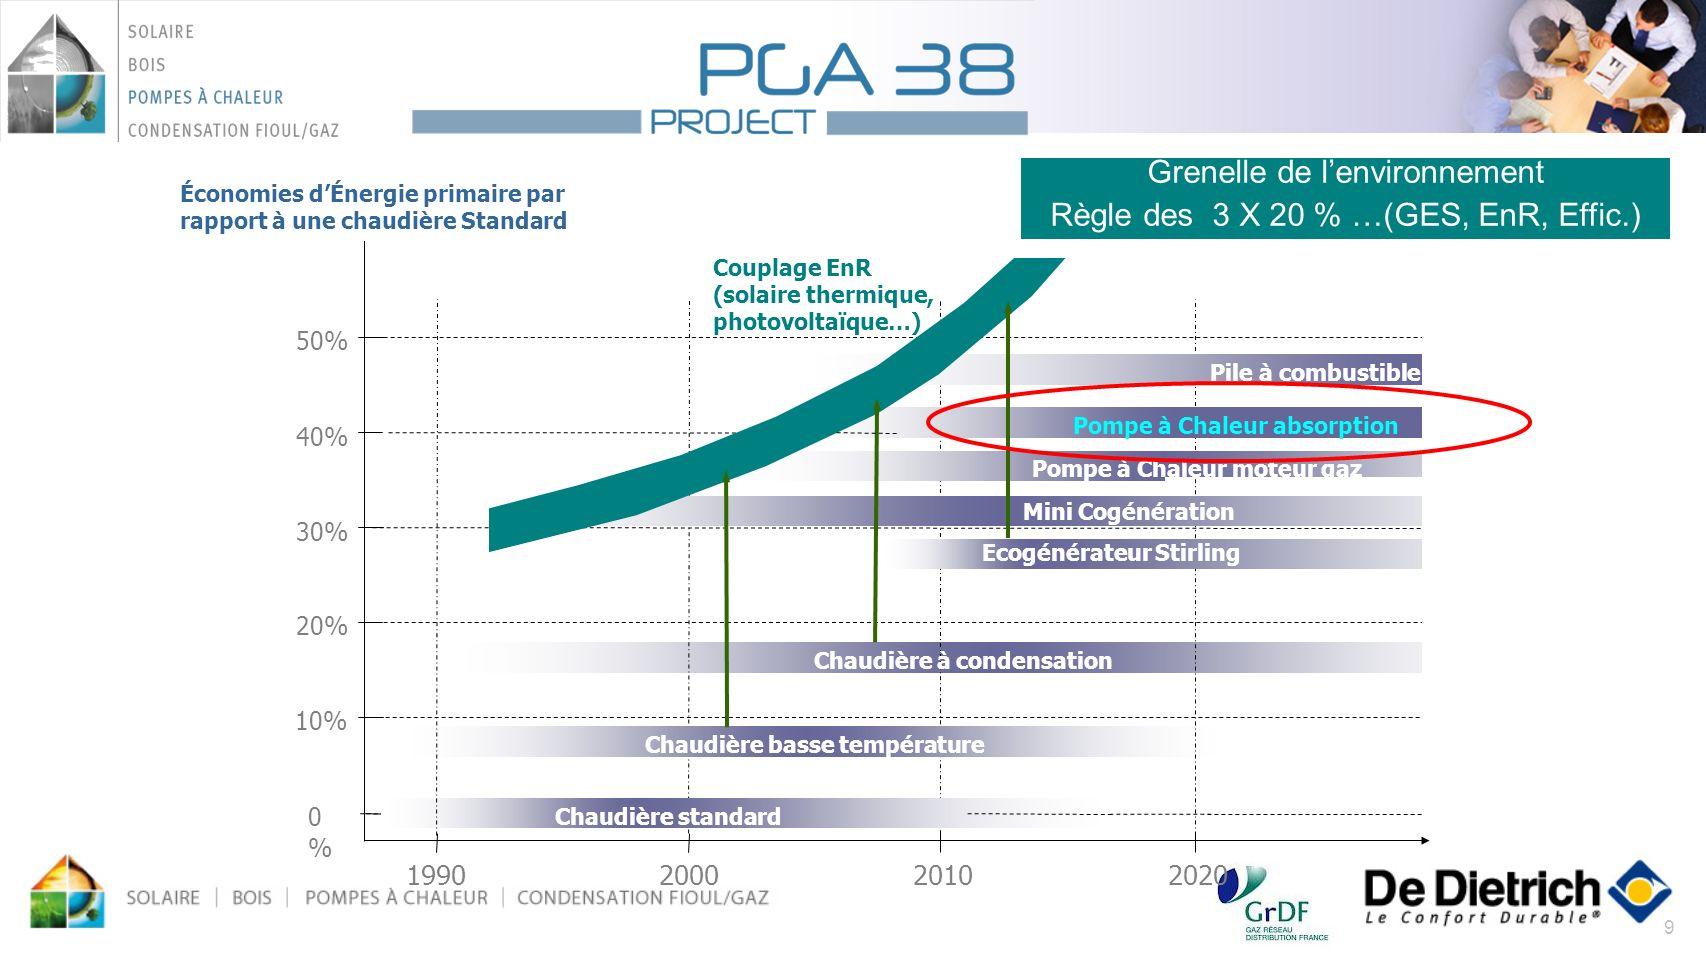 9 1990200020102020 Couplage EnR (solaire thermique, photovoltaïque…) 10% 0%0% 20% 30% 40% 50% Pile à combustible Pompe à Chaleur moteur gaz Ecogénérat